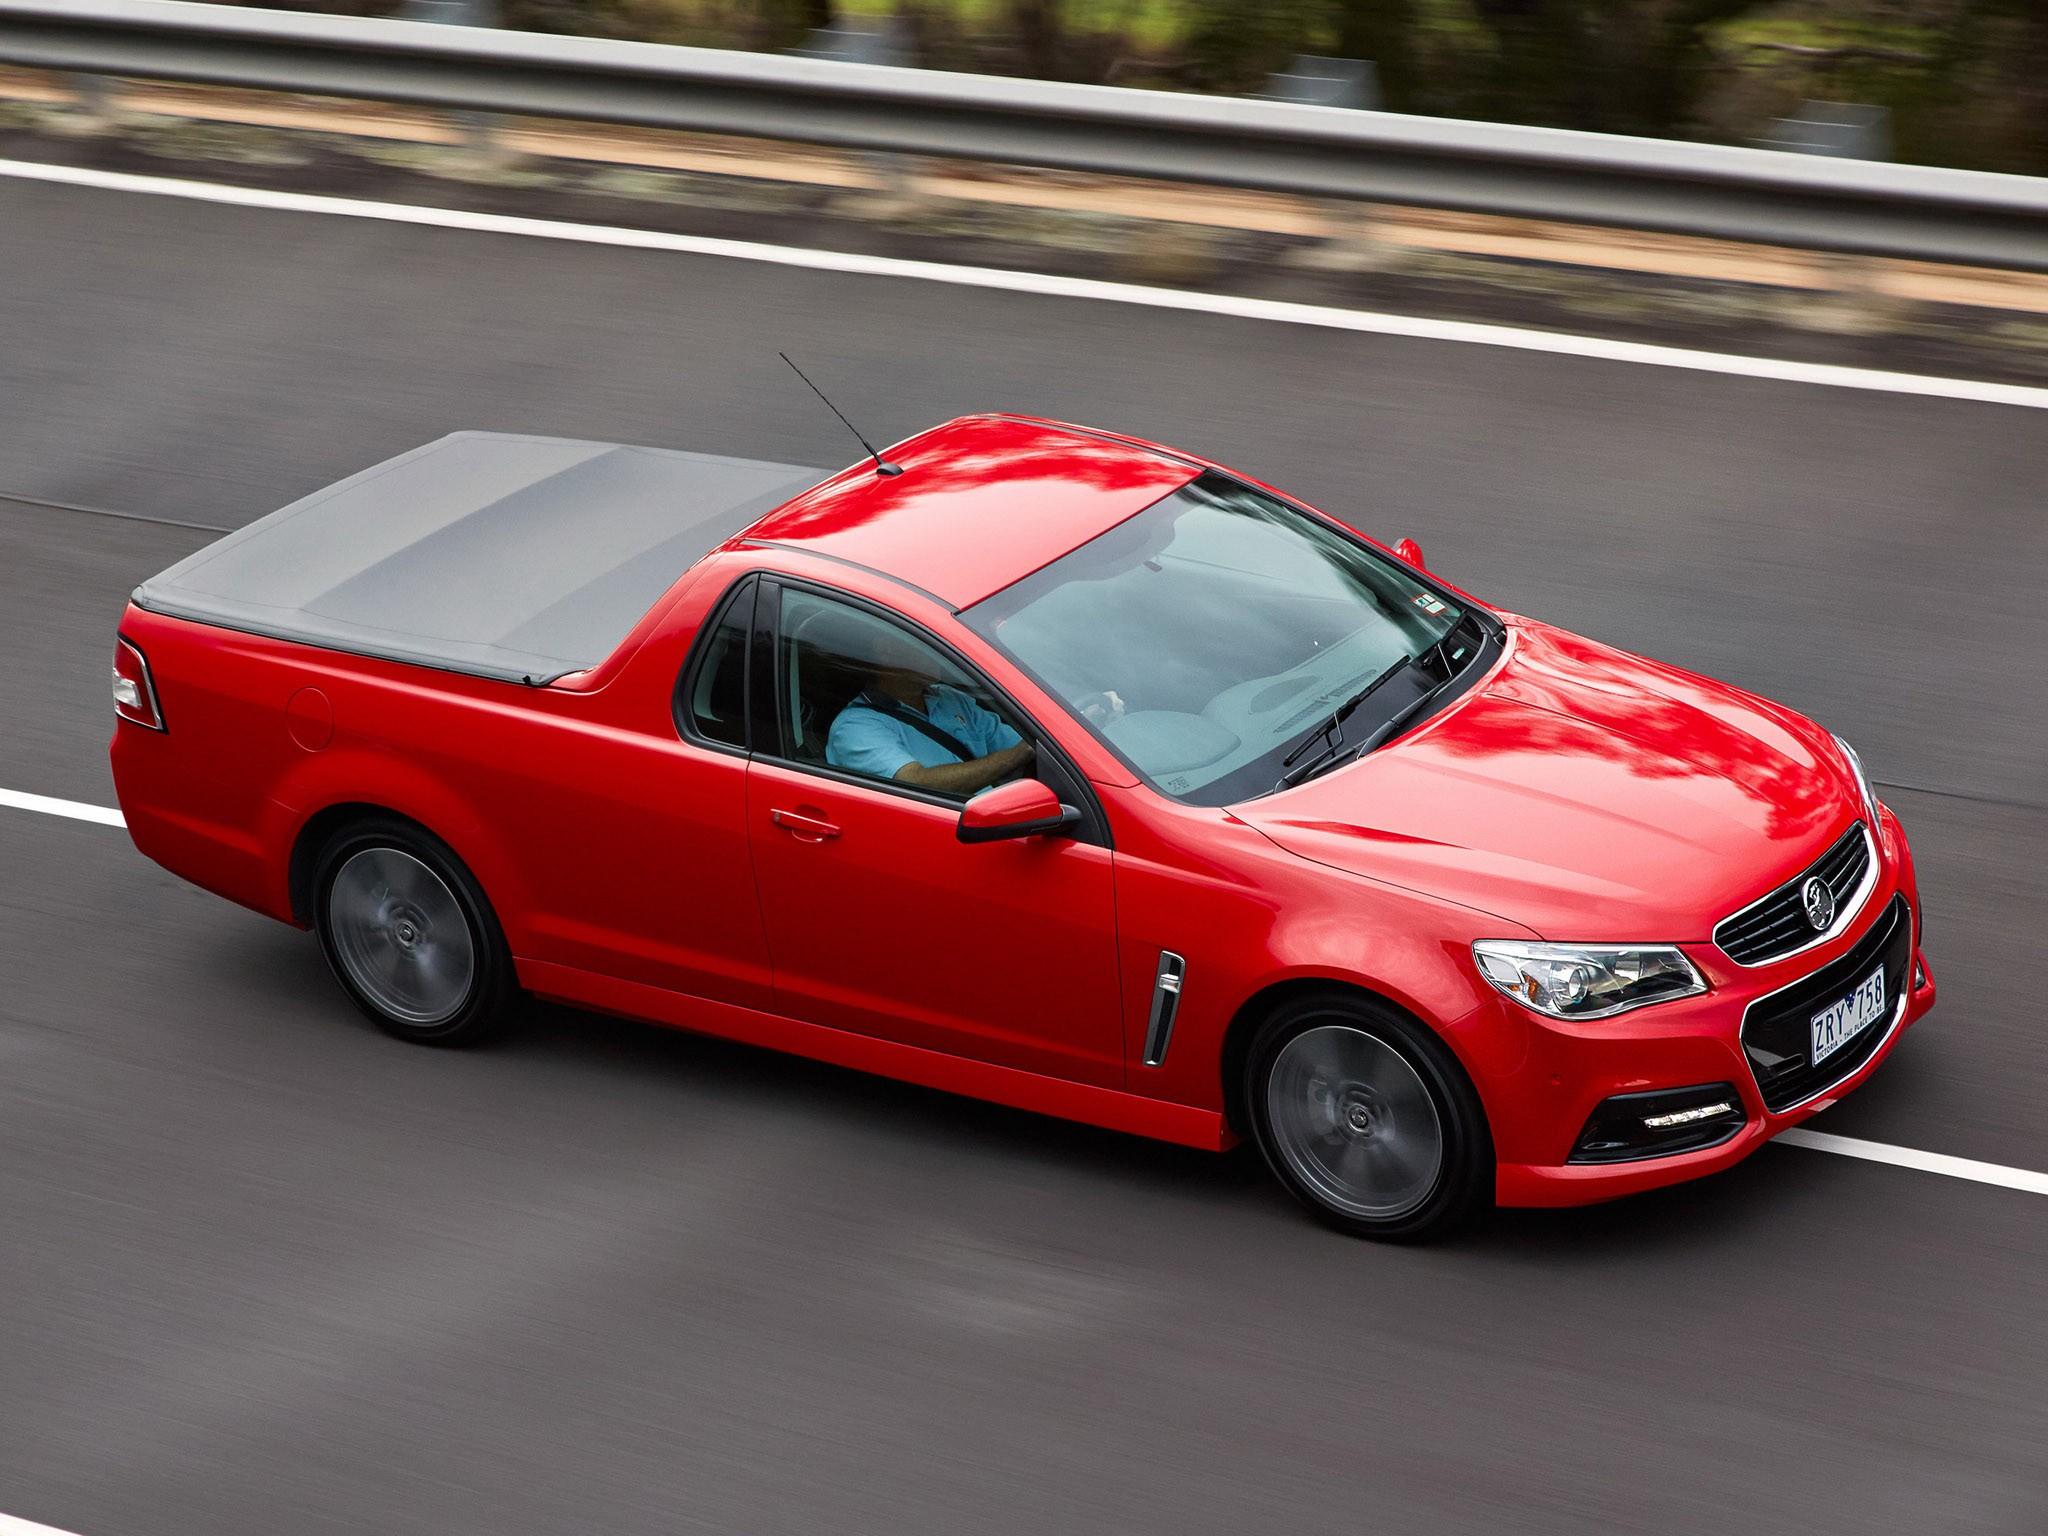 2013 Holden UTE SV6